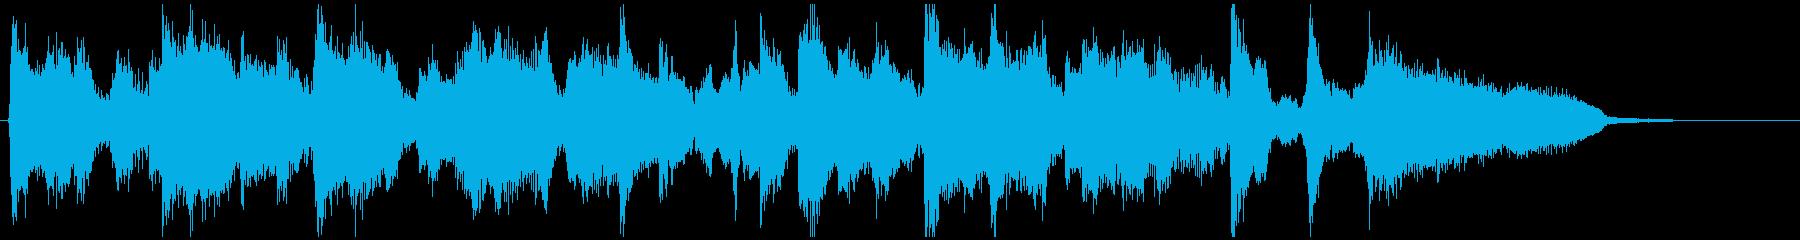 15秒CM向け、フルート生演奏のジャズの再生済みの波形